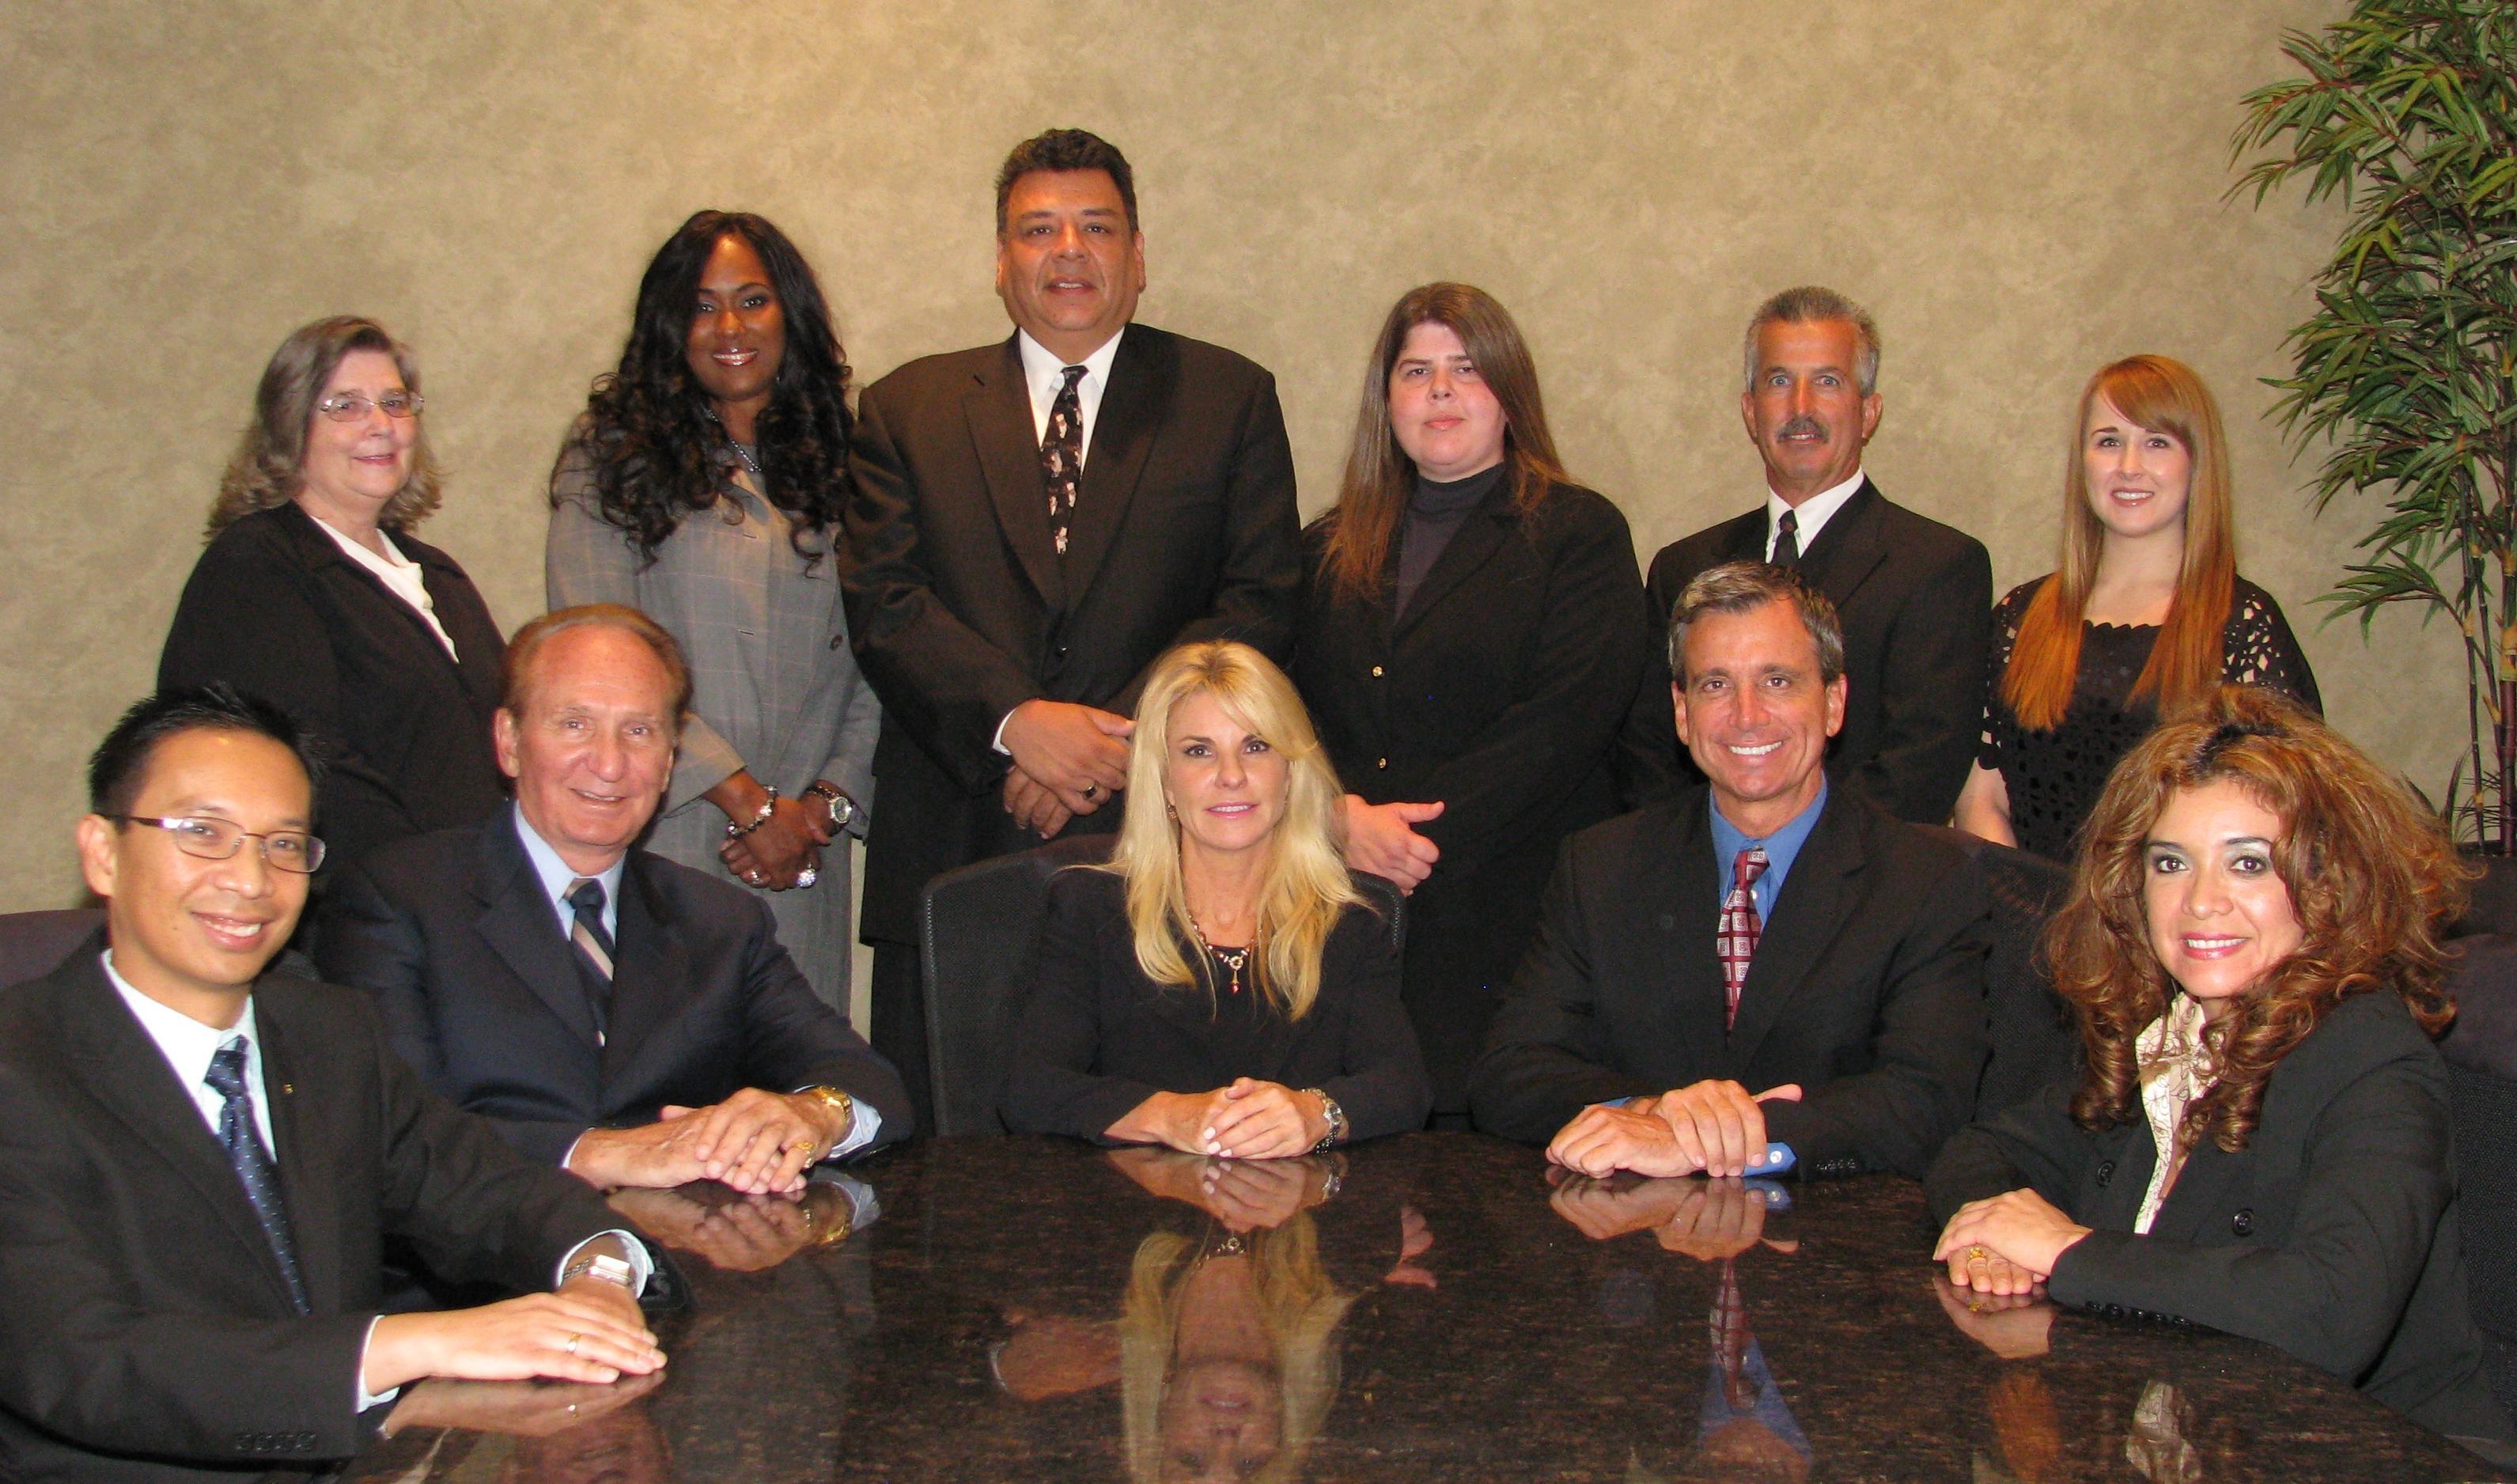 Hafif & Associates, LLP